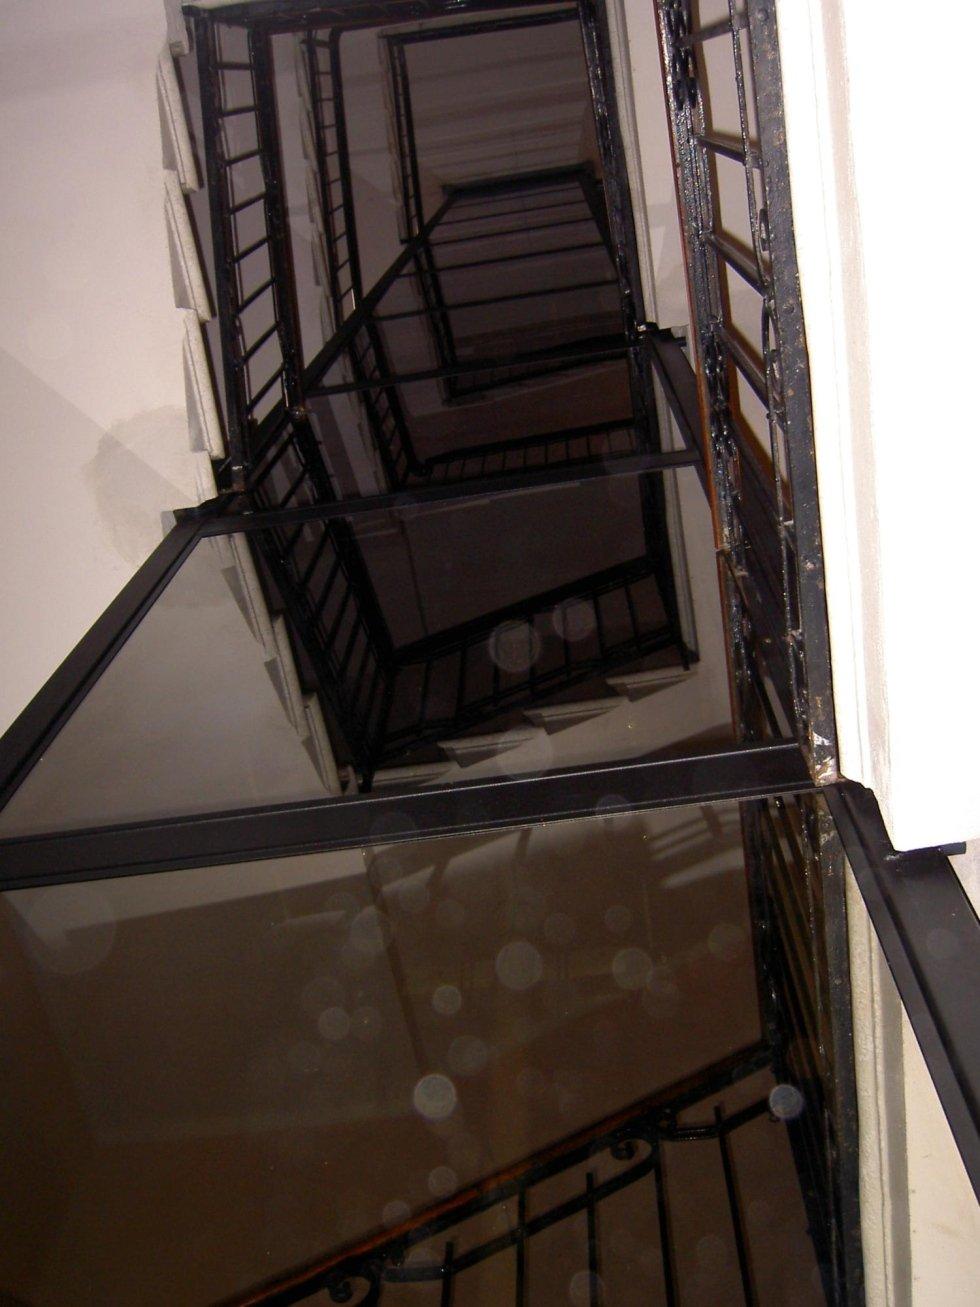 vista dal basso di incastellatura per ascensore